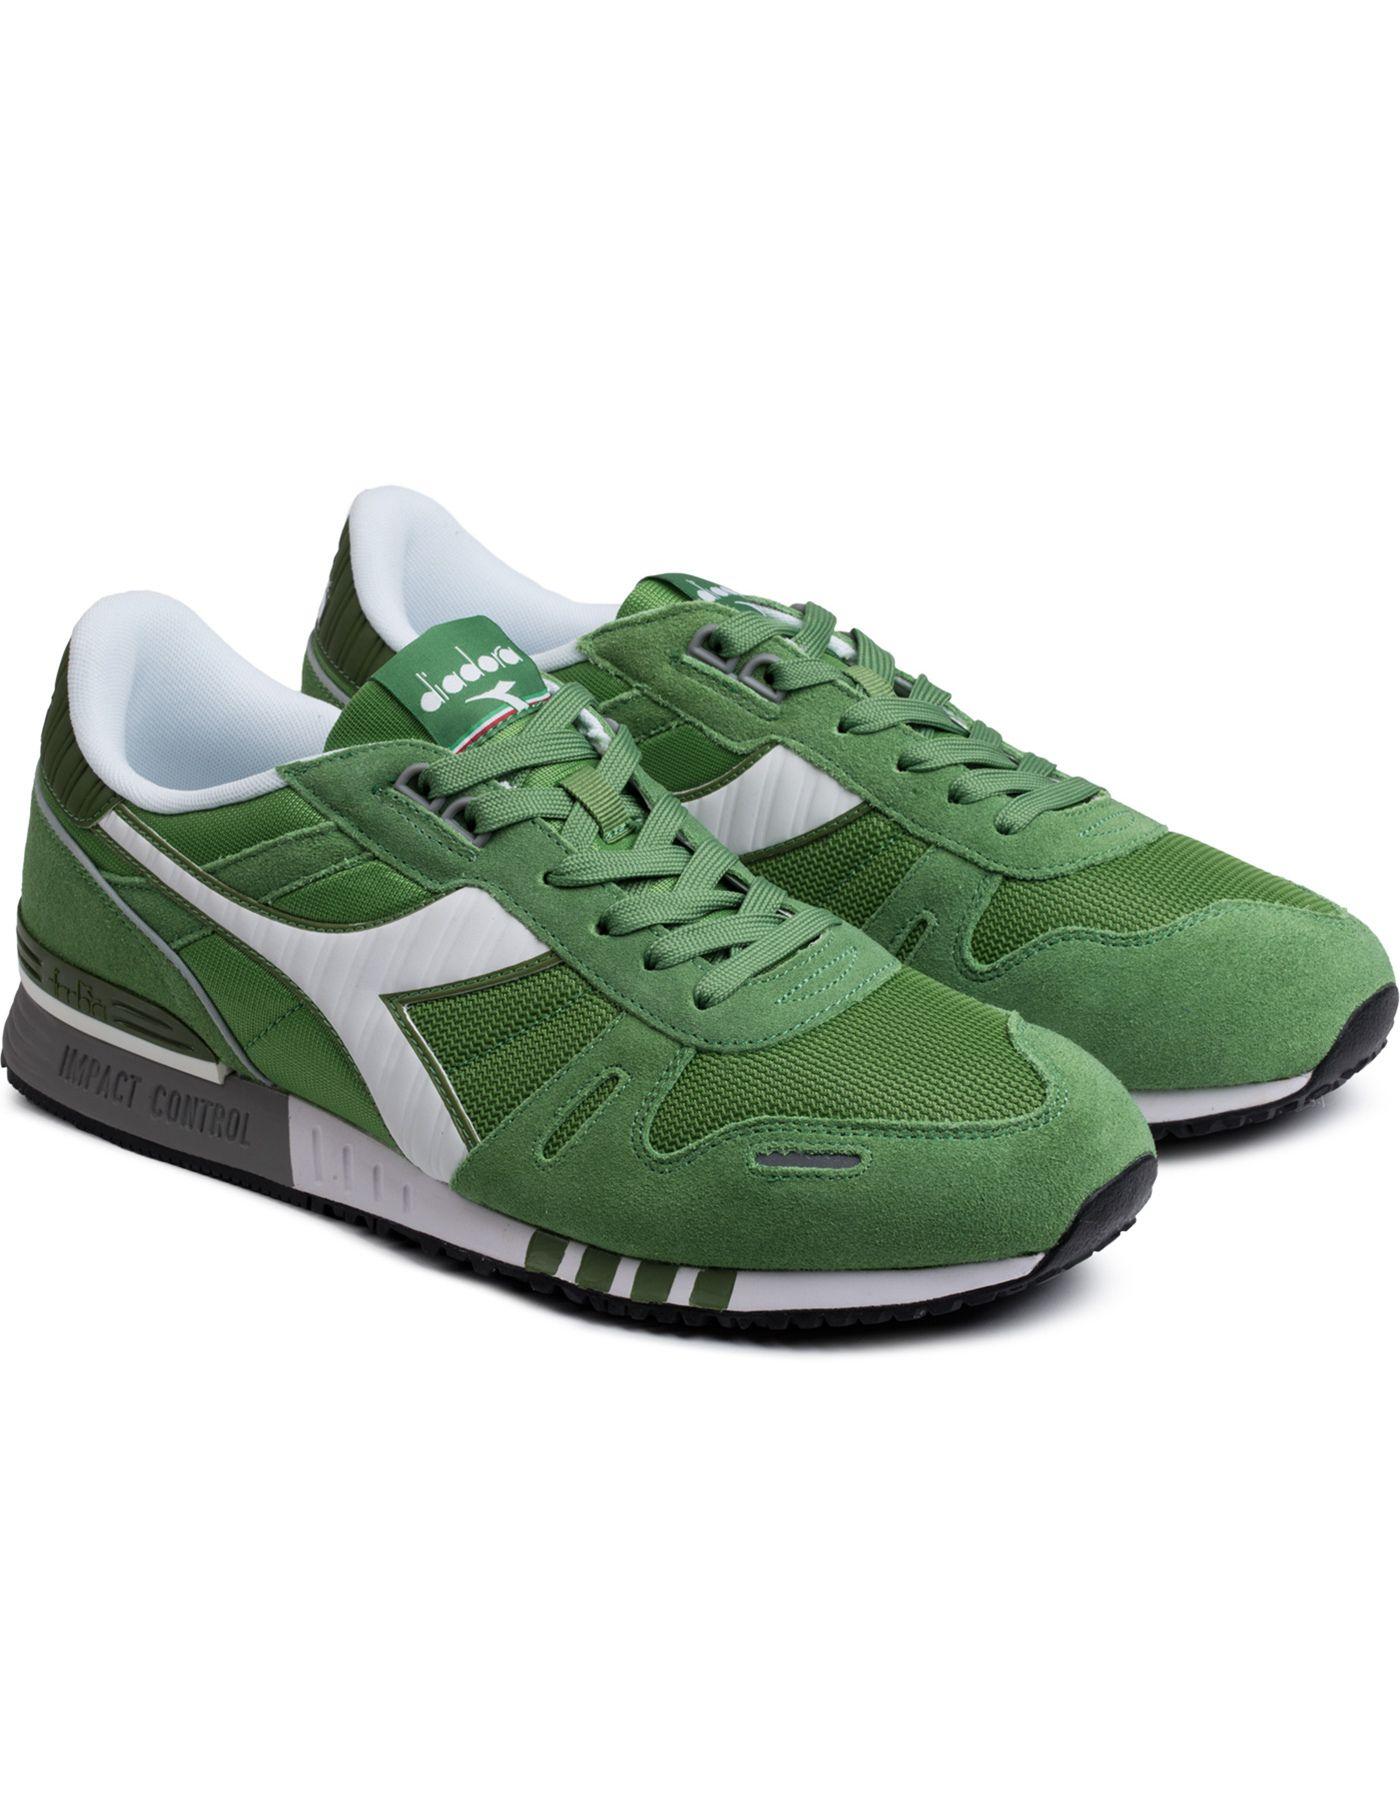 Green Willow Bough/White Titan II Sneakers